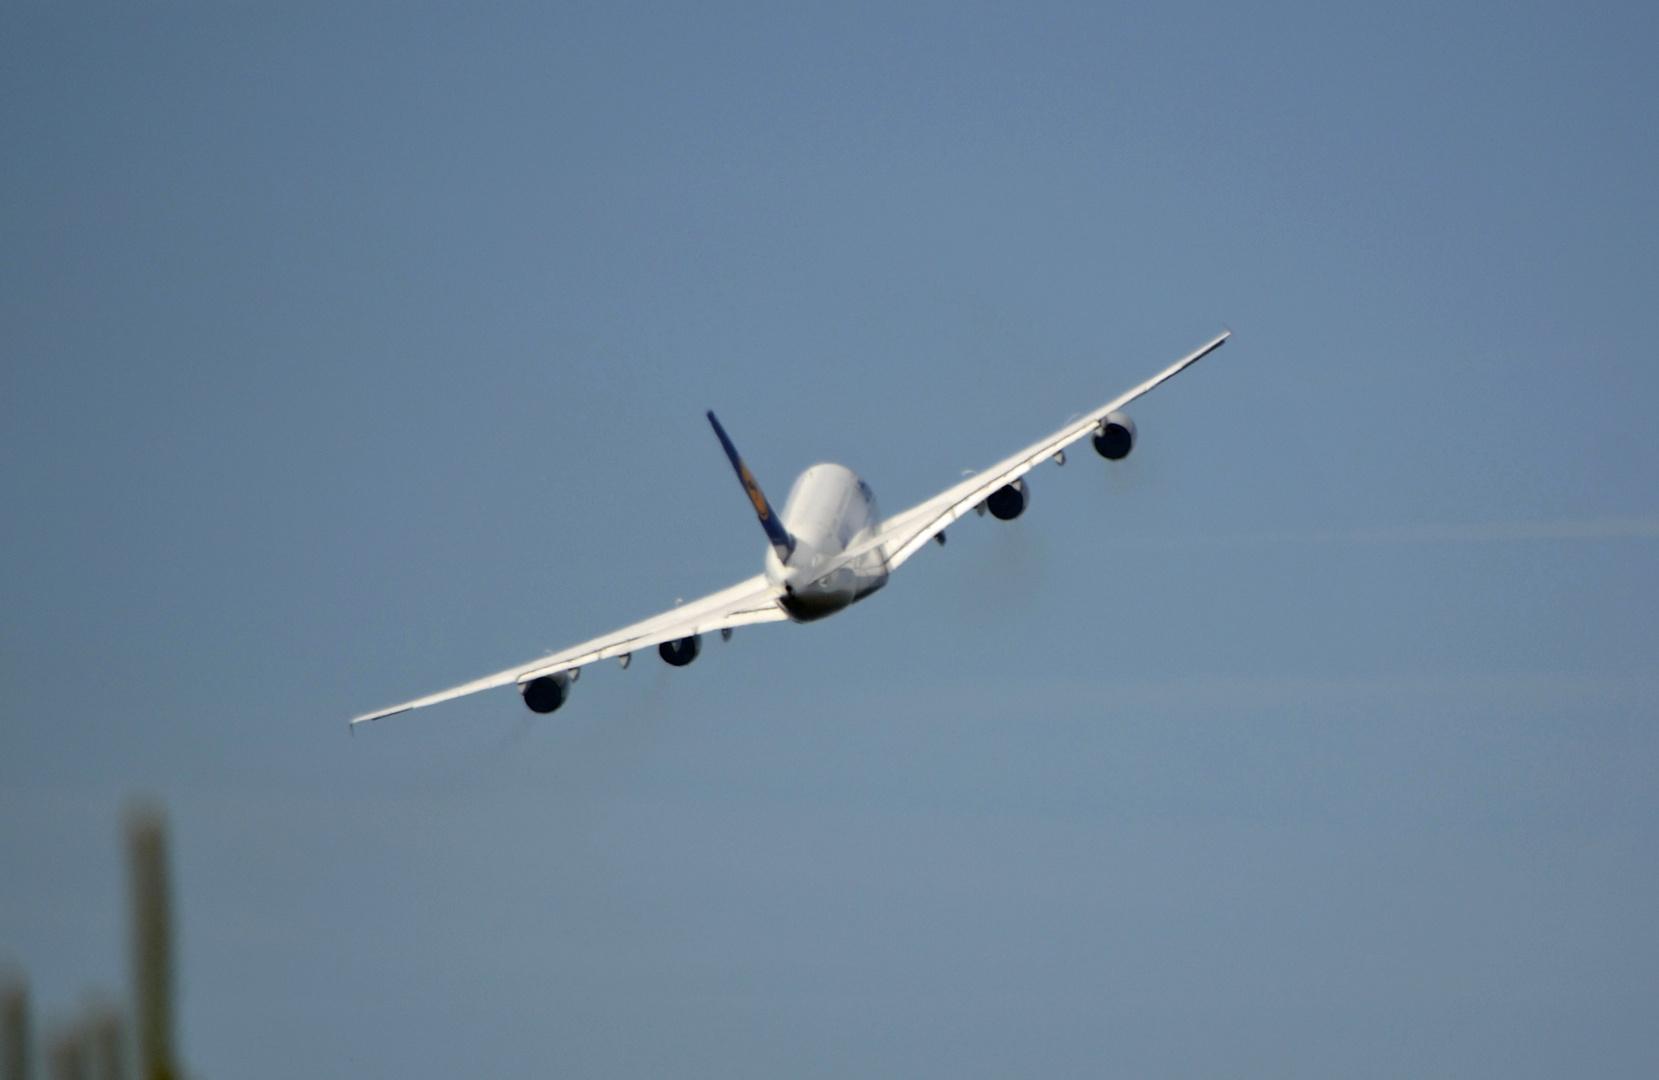 A 380 Departure